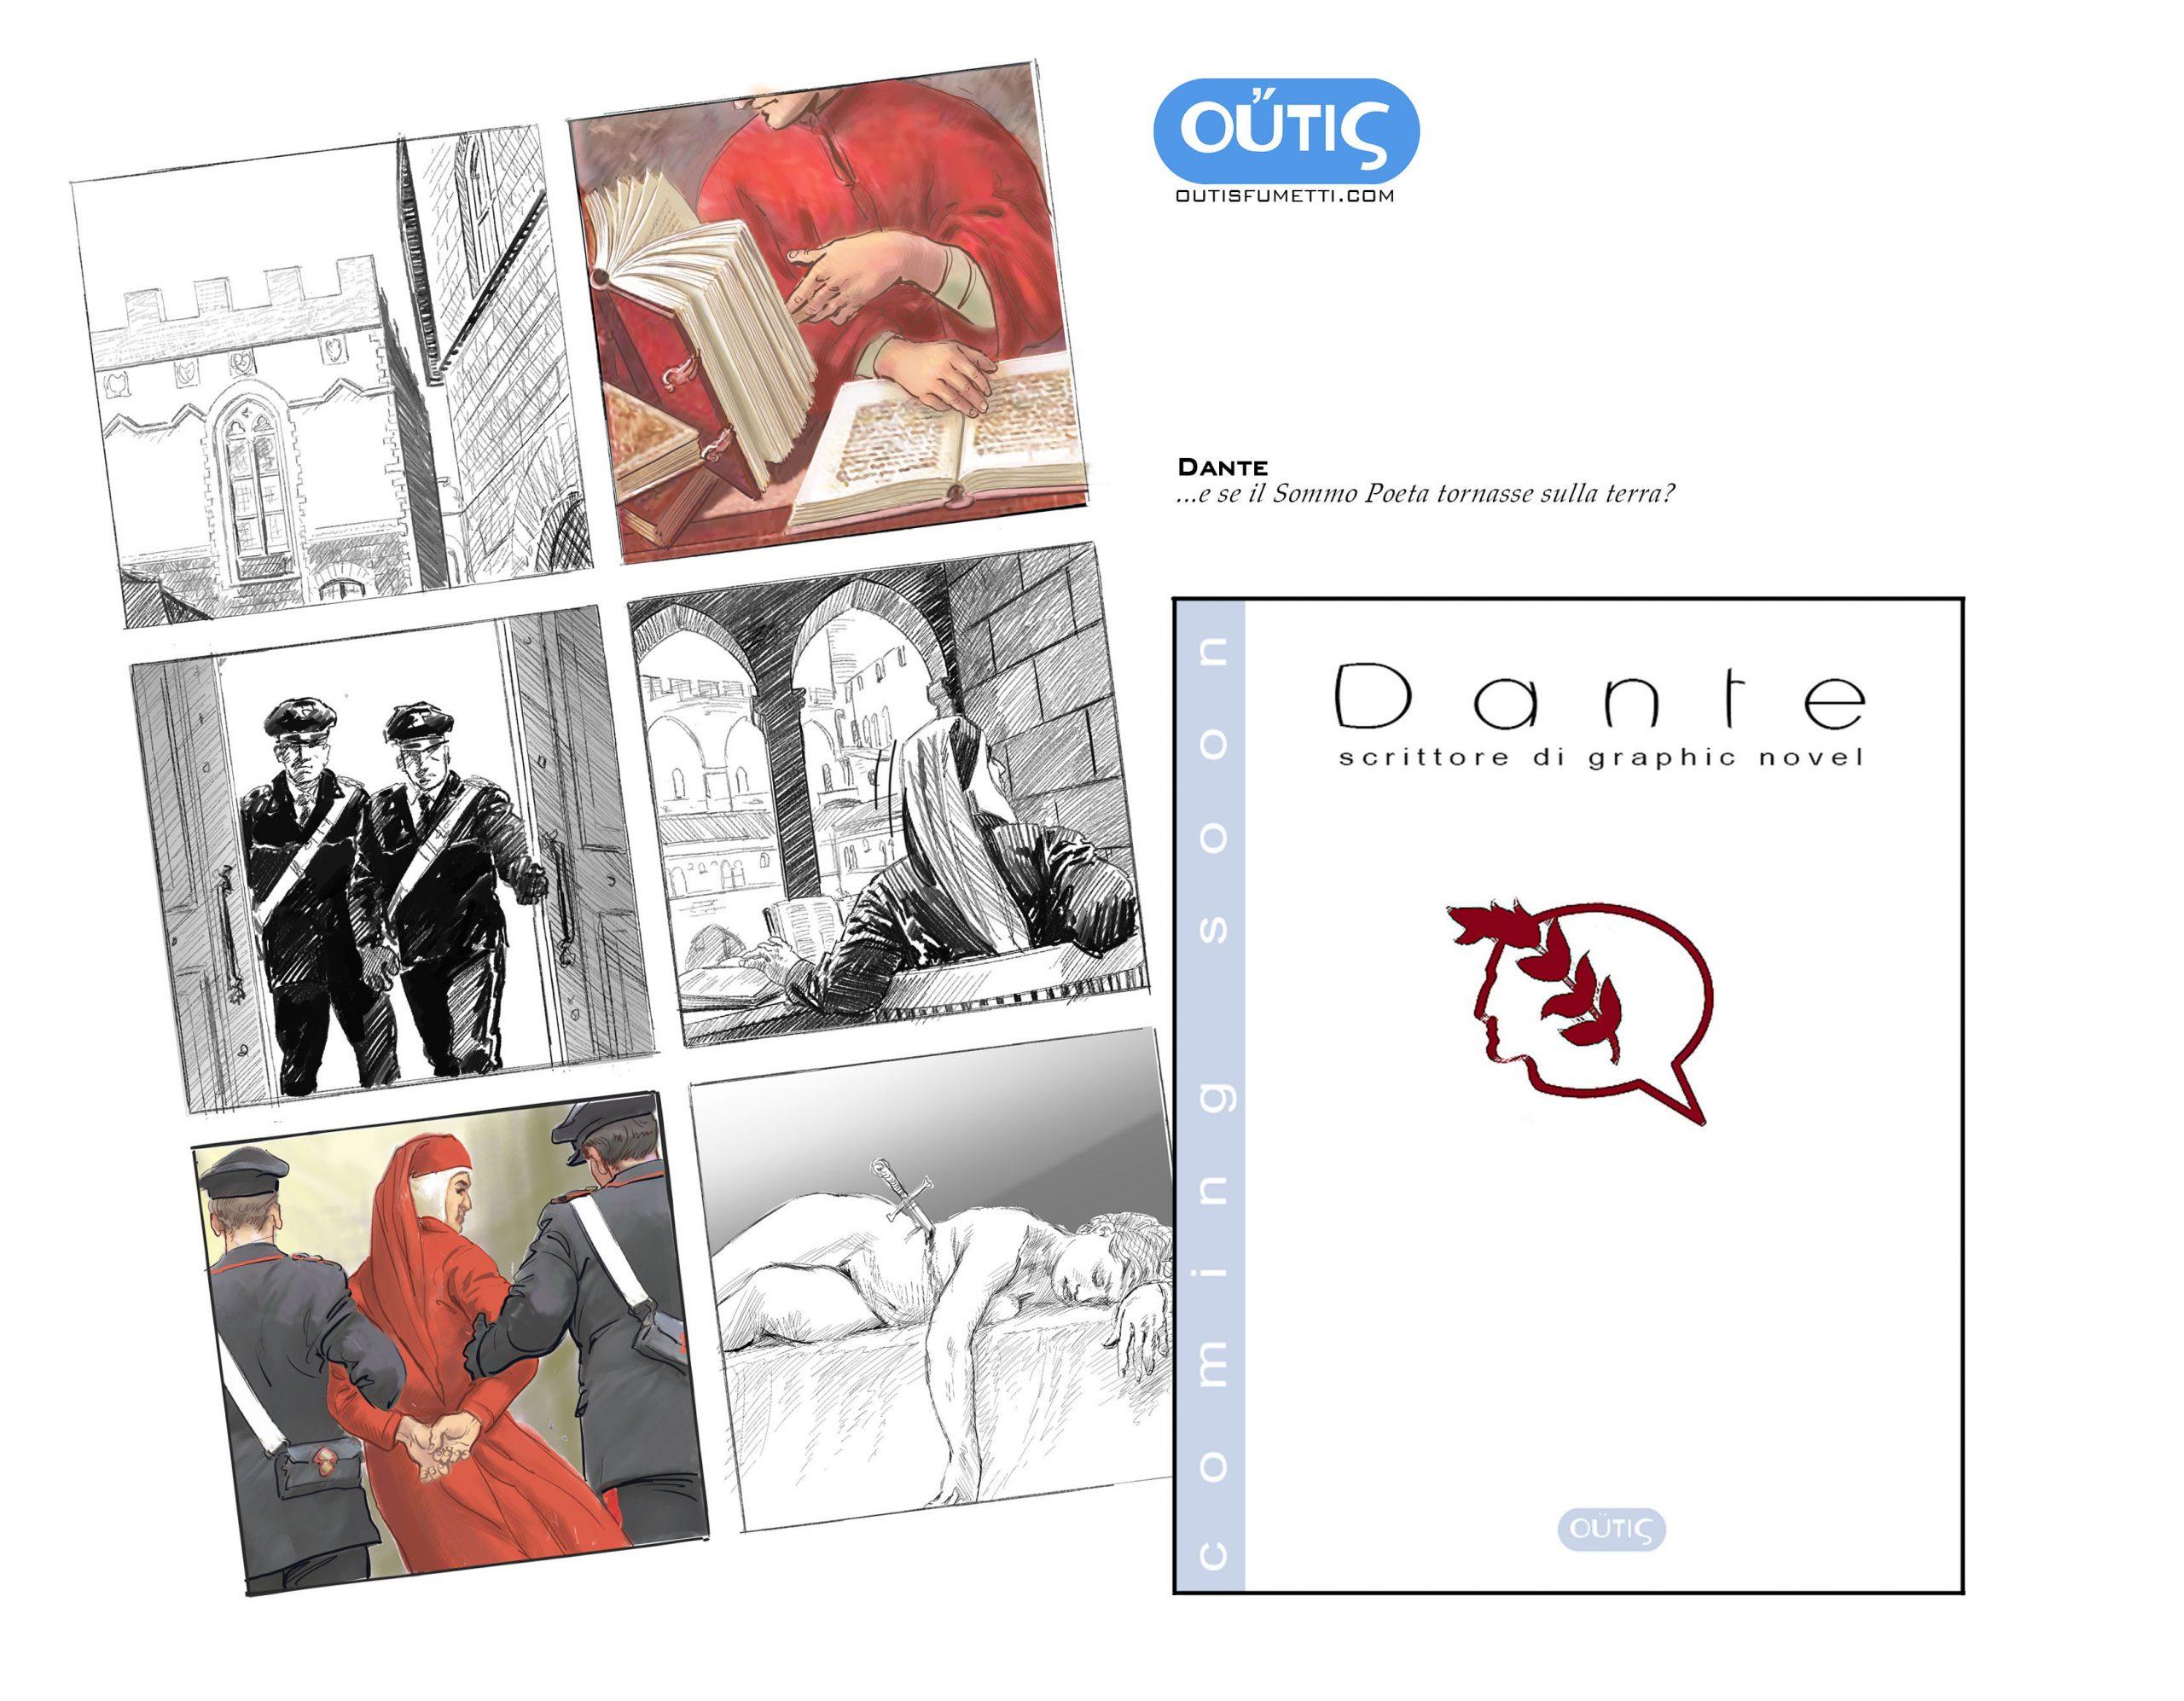 Dante Alighieri autore di graphic novel